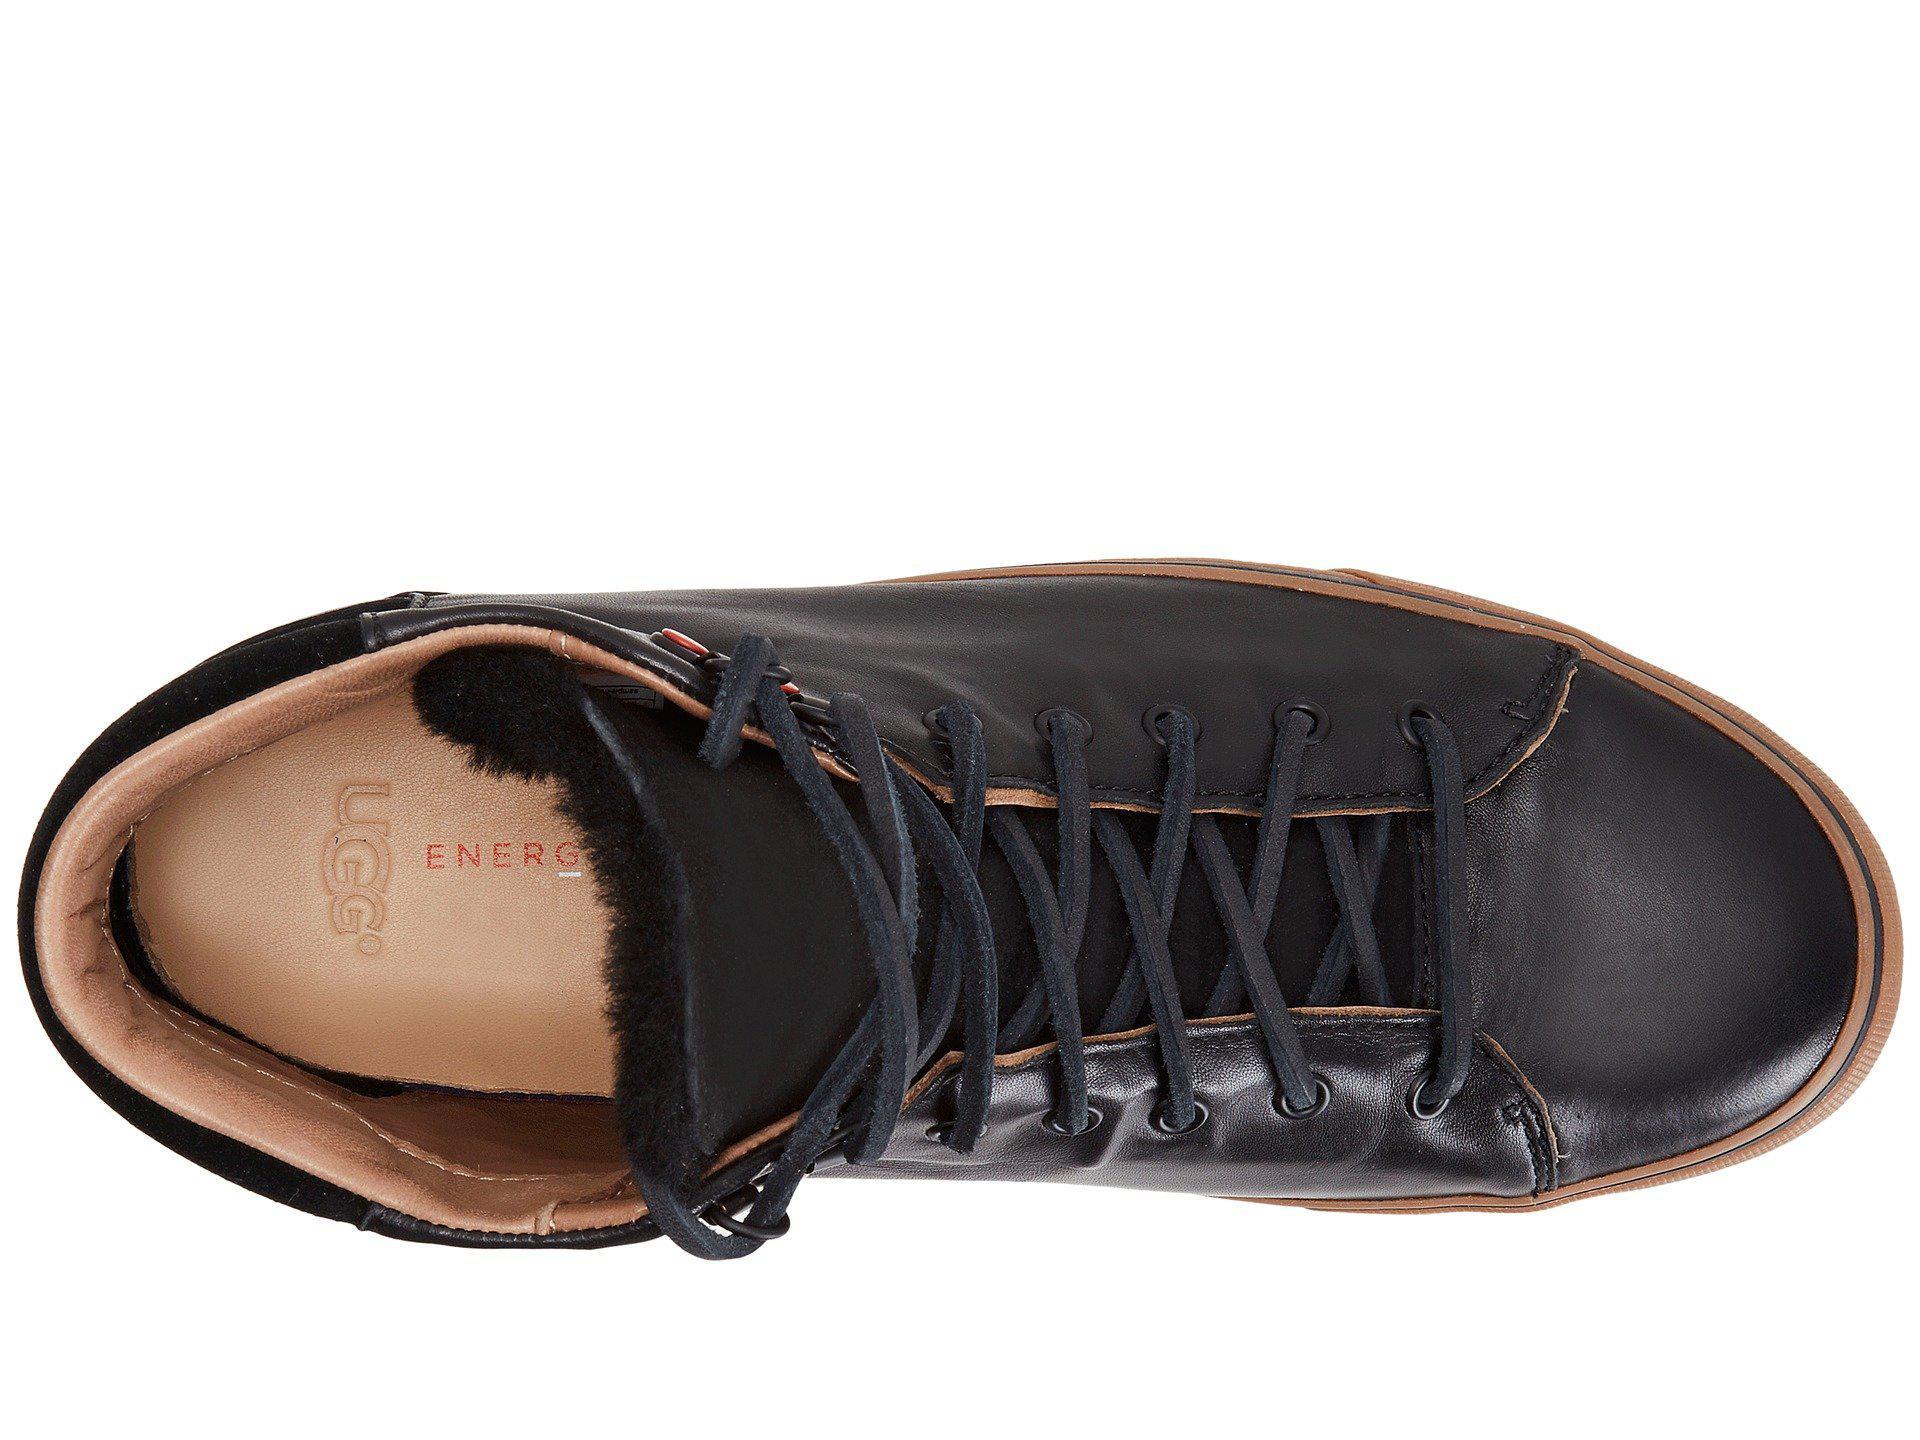 4c45c56f956 Lyst - UGG Hoyt Luxe (black) Men's Shoes in Black for Men